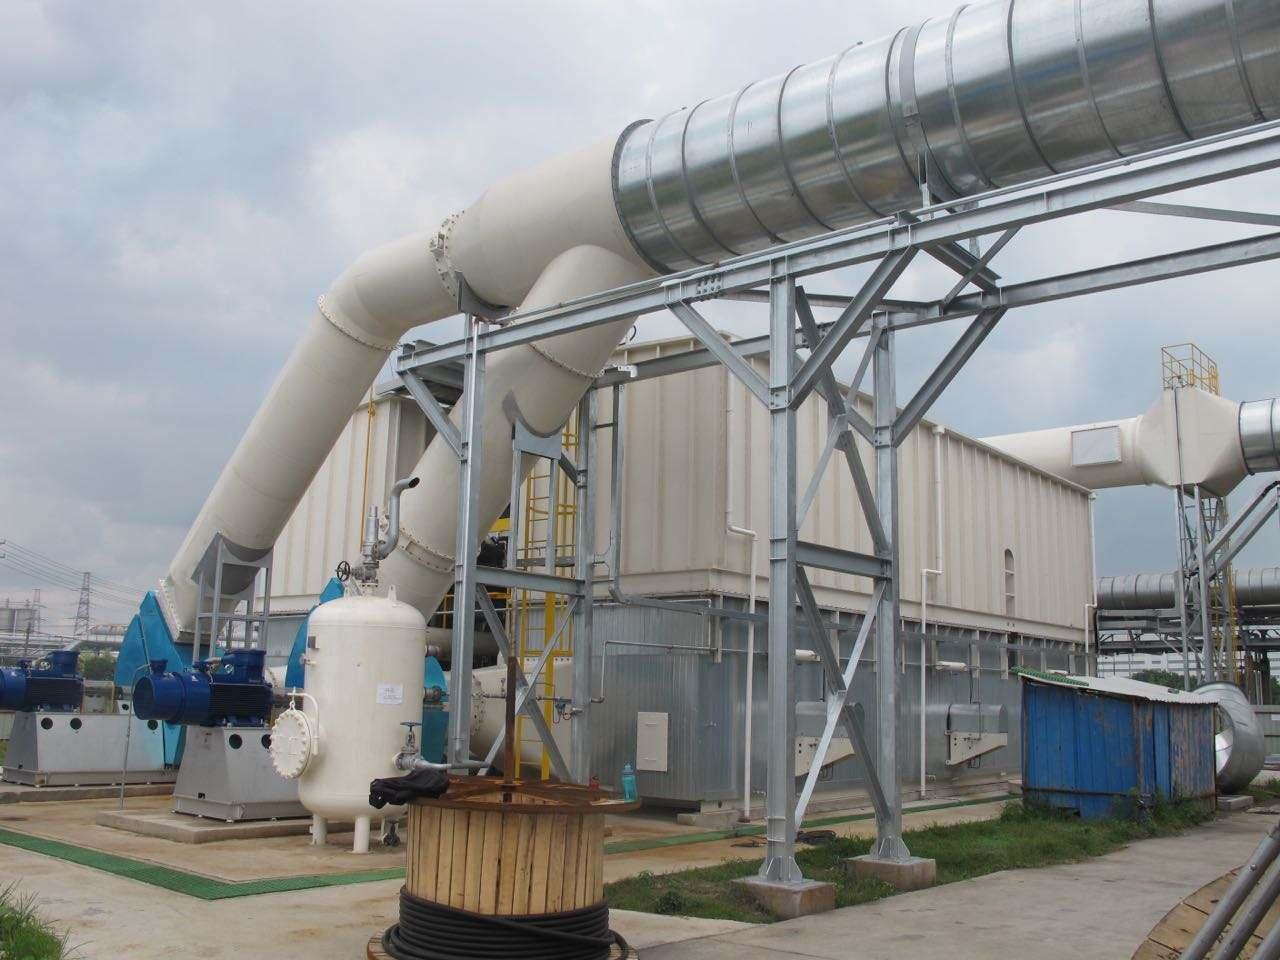 蓄热氧化回收多少钱-沧州优惠的蓄热式热氧化处理设备哪里买